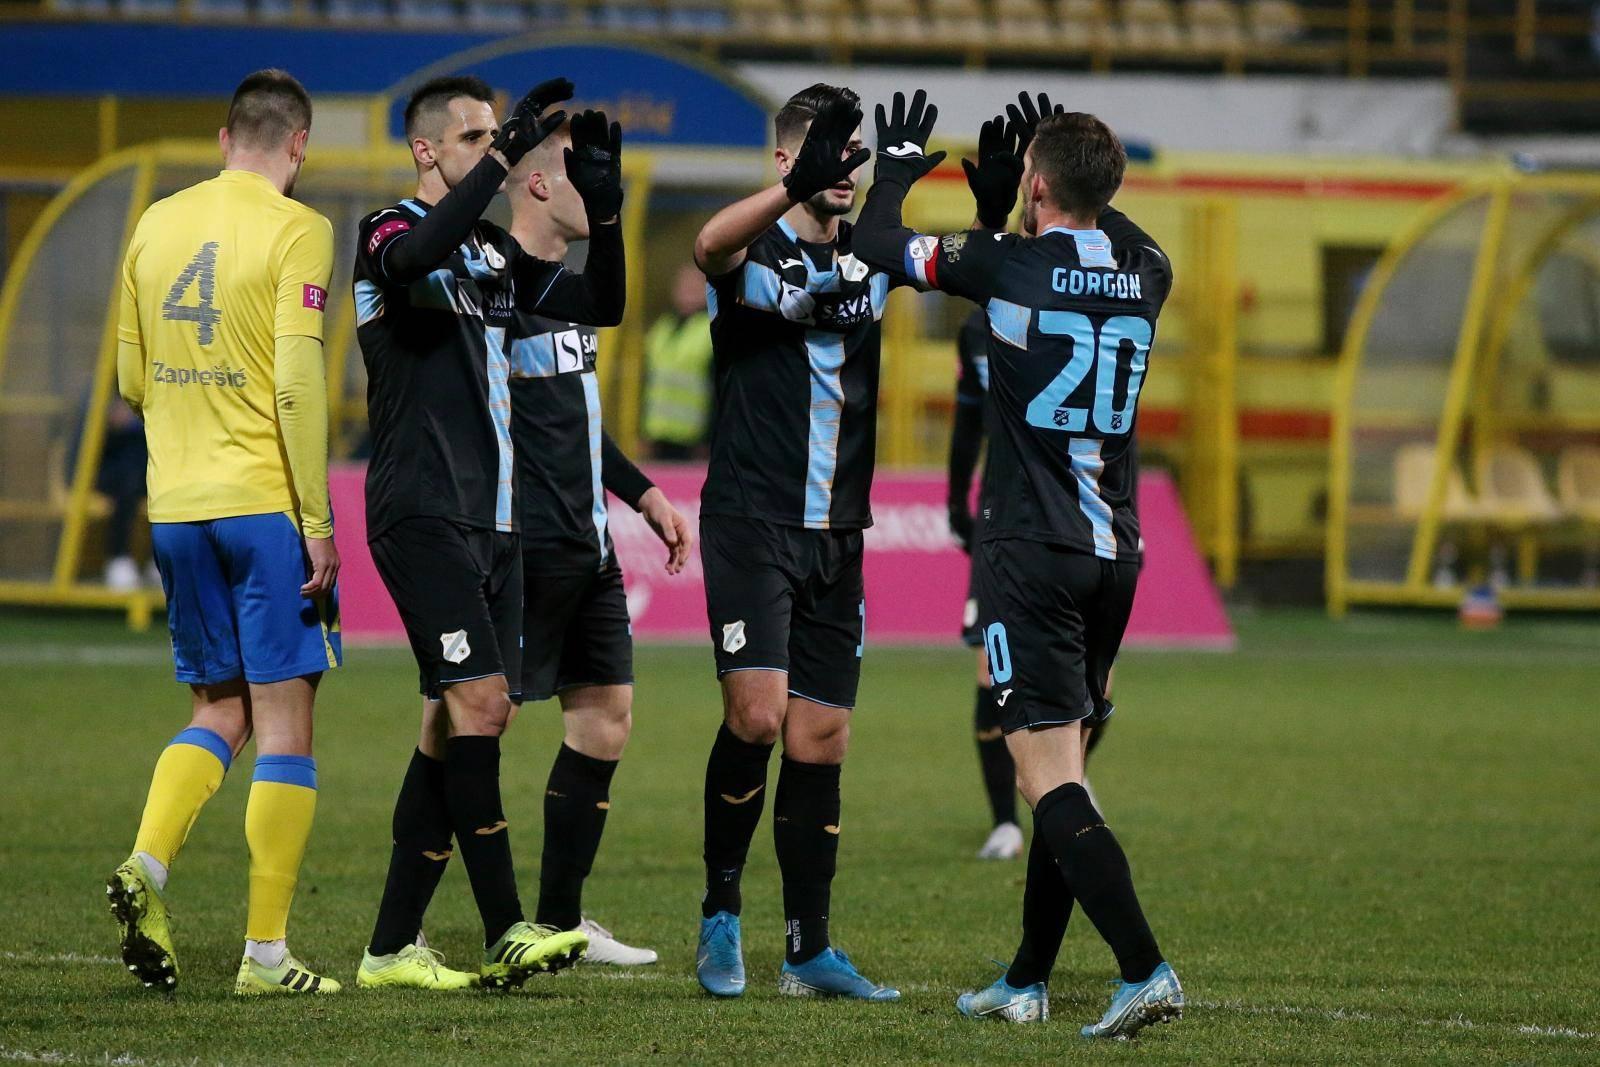 Zaprešić: Hrvatska telekom Prva liga, 16. kolo, NK Inter Zaprešić - HNK Rijeka